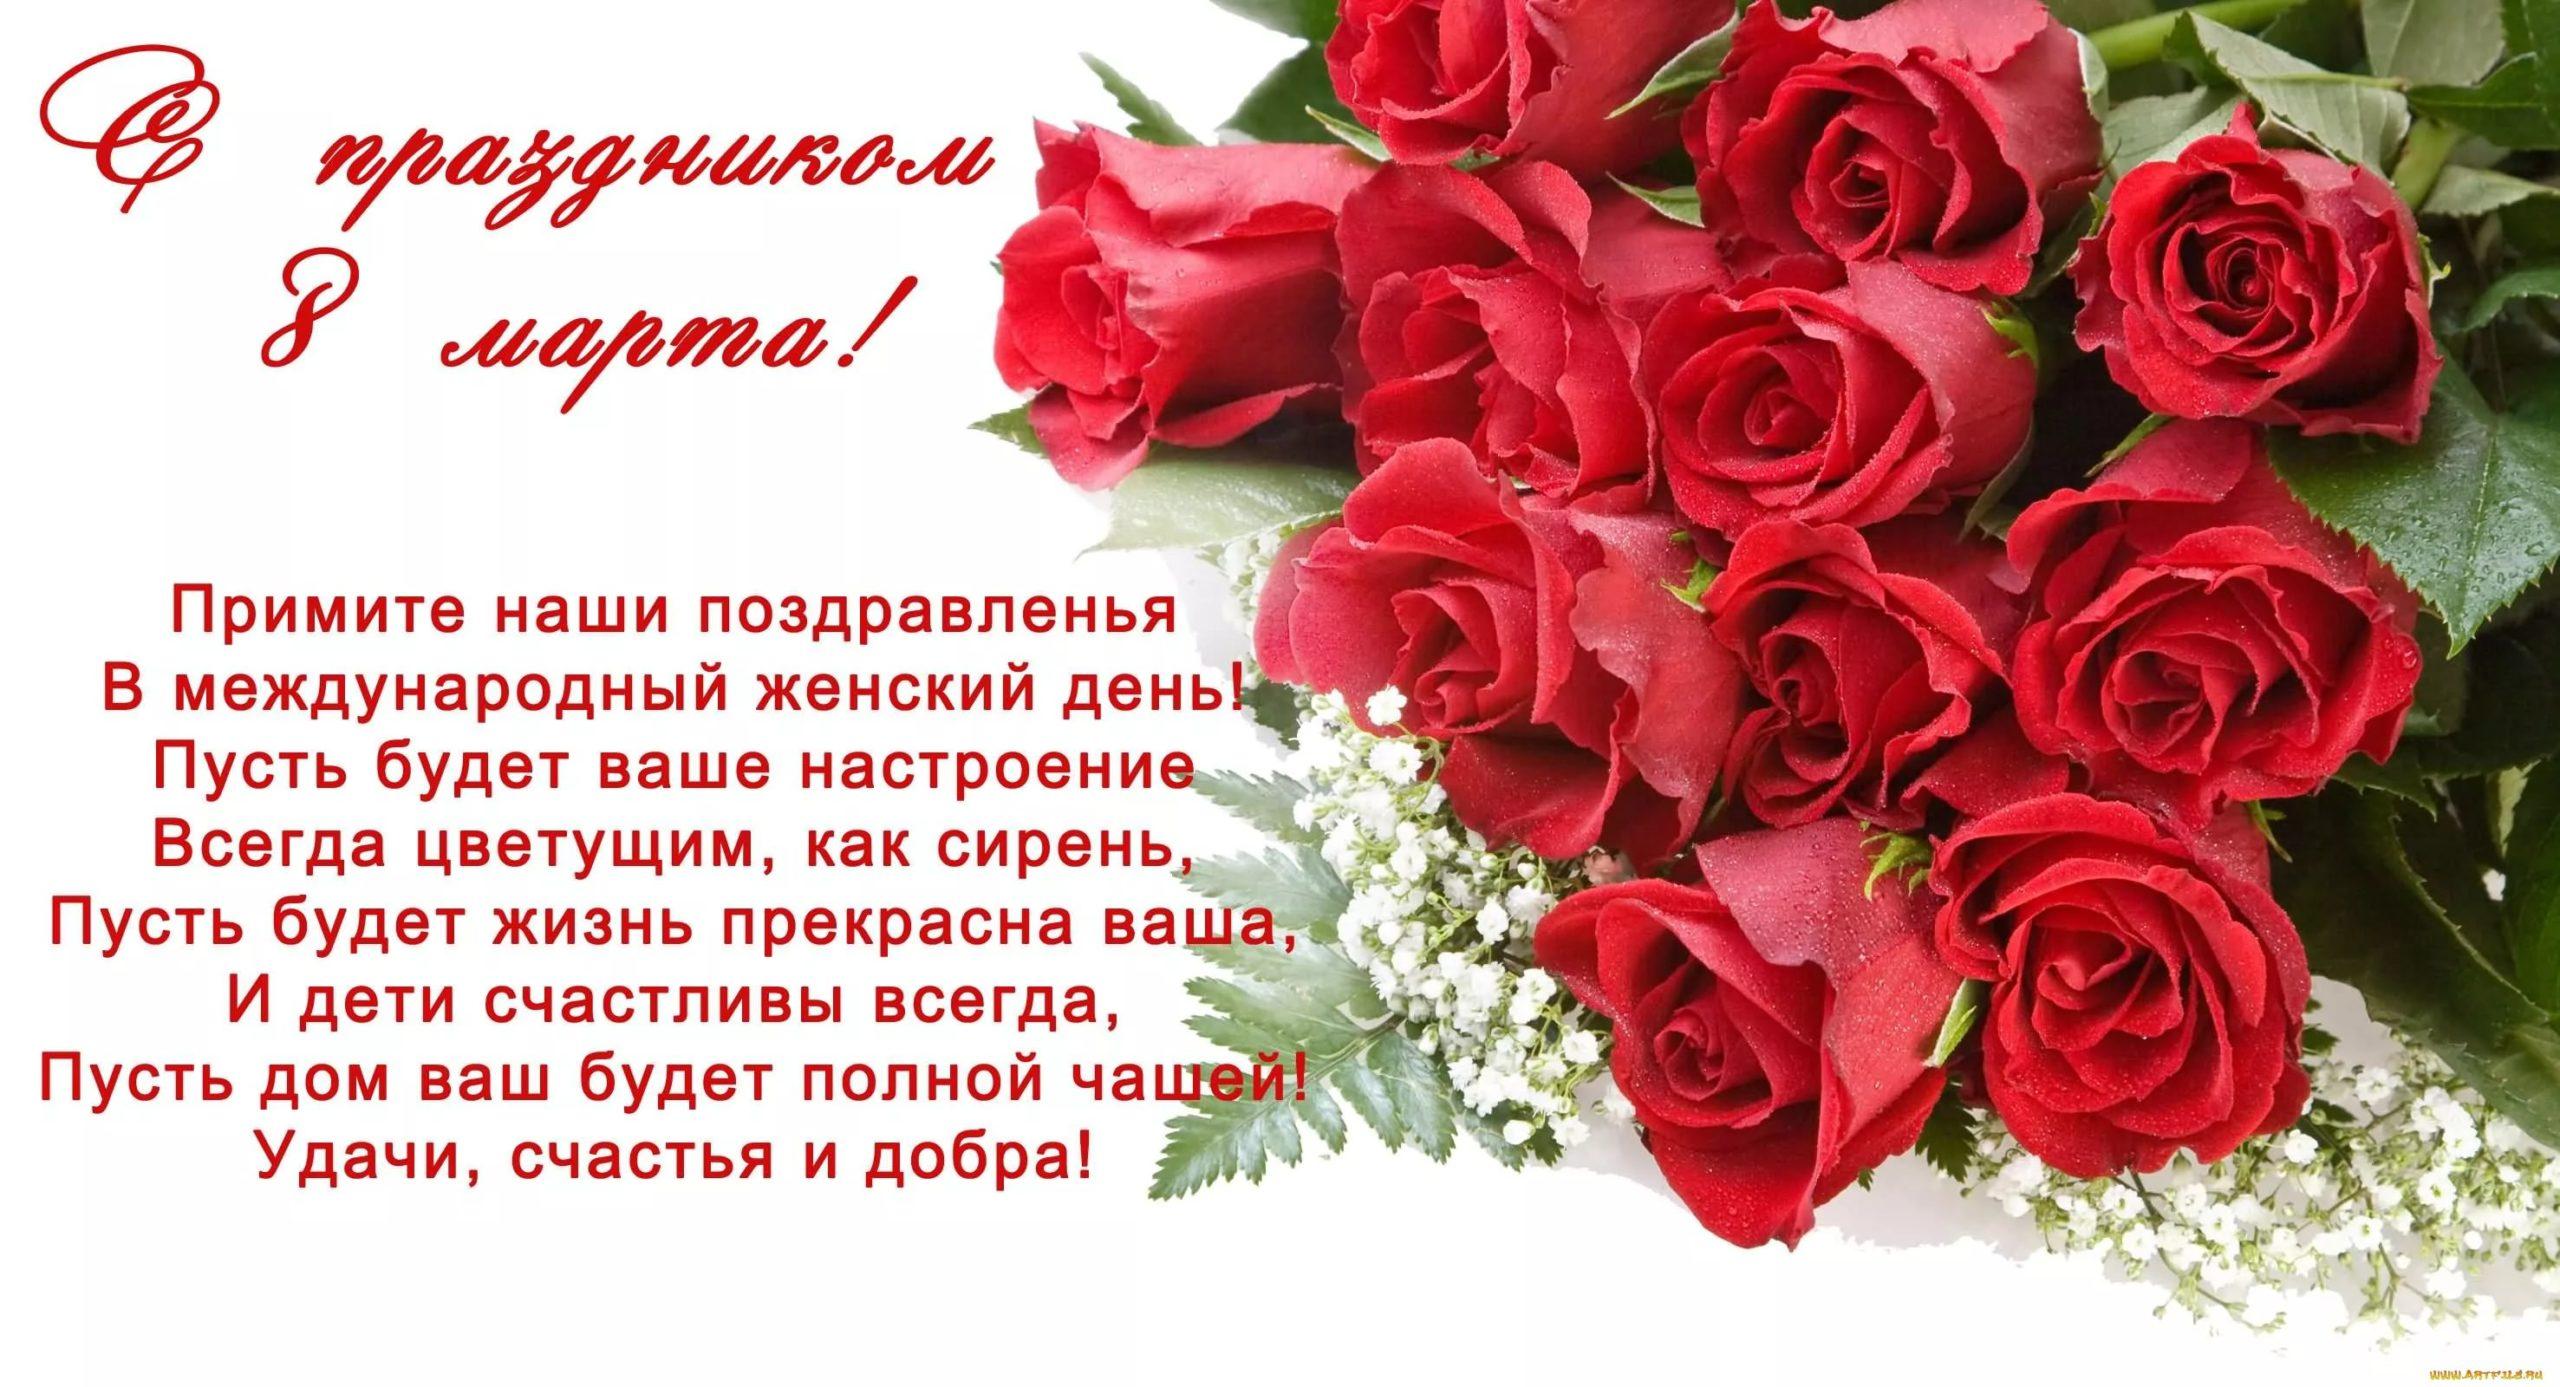 Поздравления на 8 марта маме от сына и дочери: красивые и трогательные до слез, короткие и длинные поздравления бабушке с 8 марта   жл